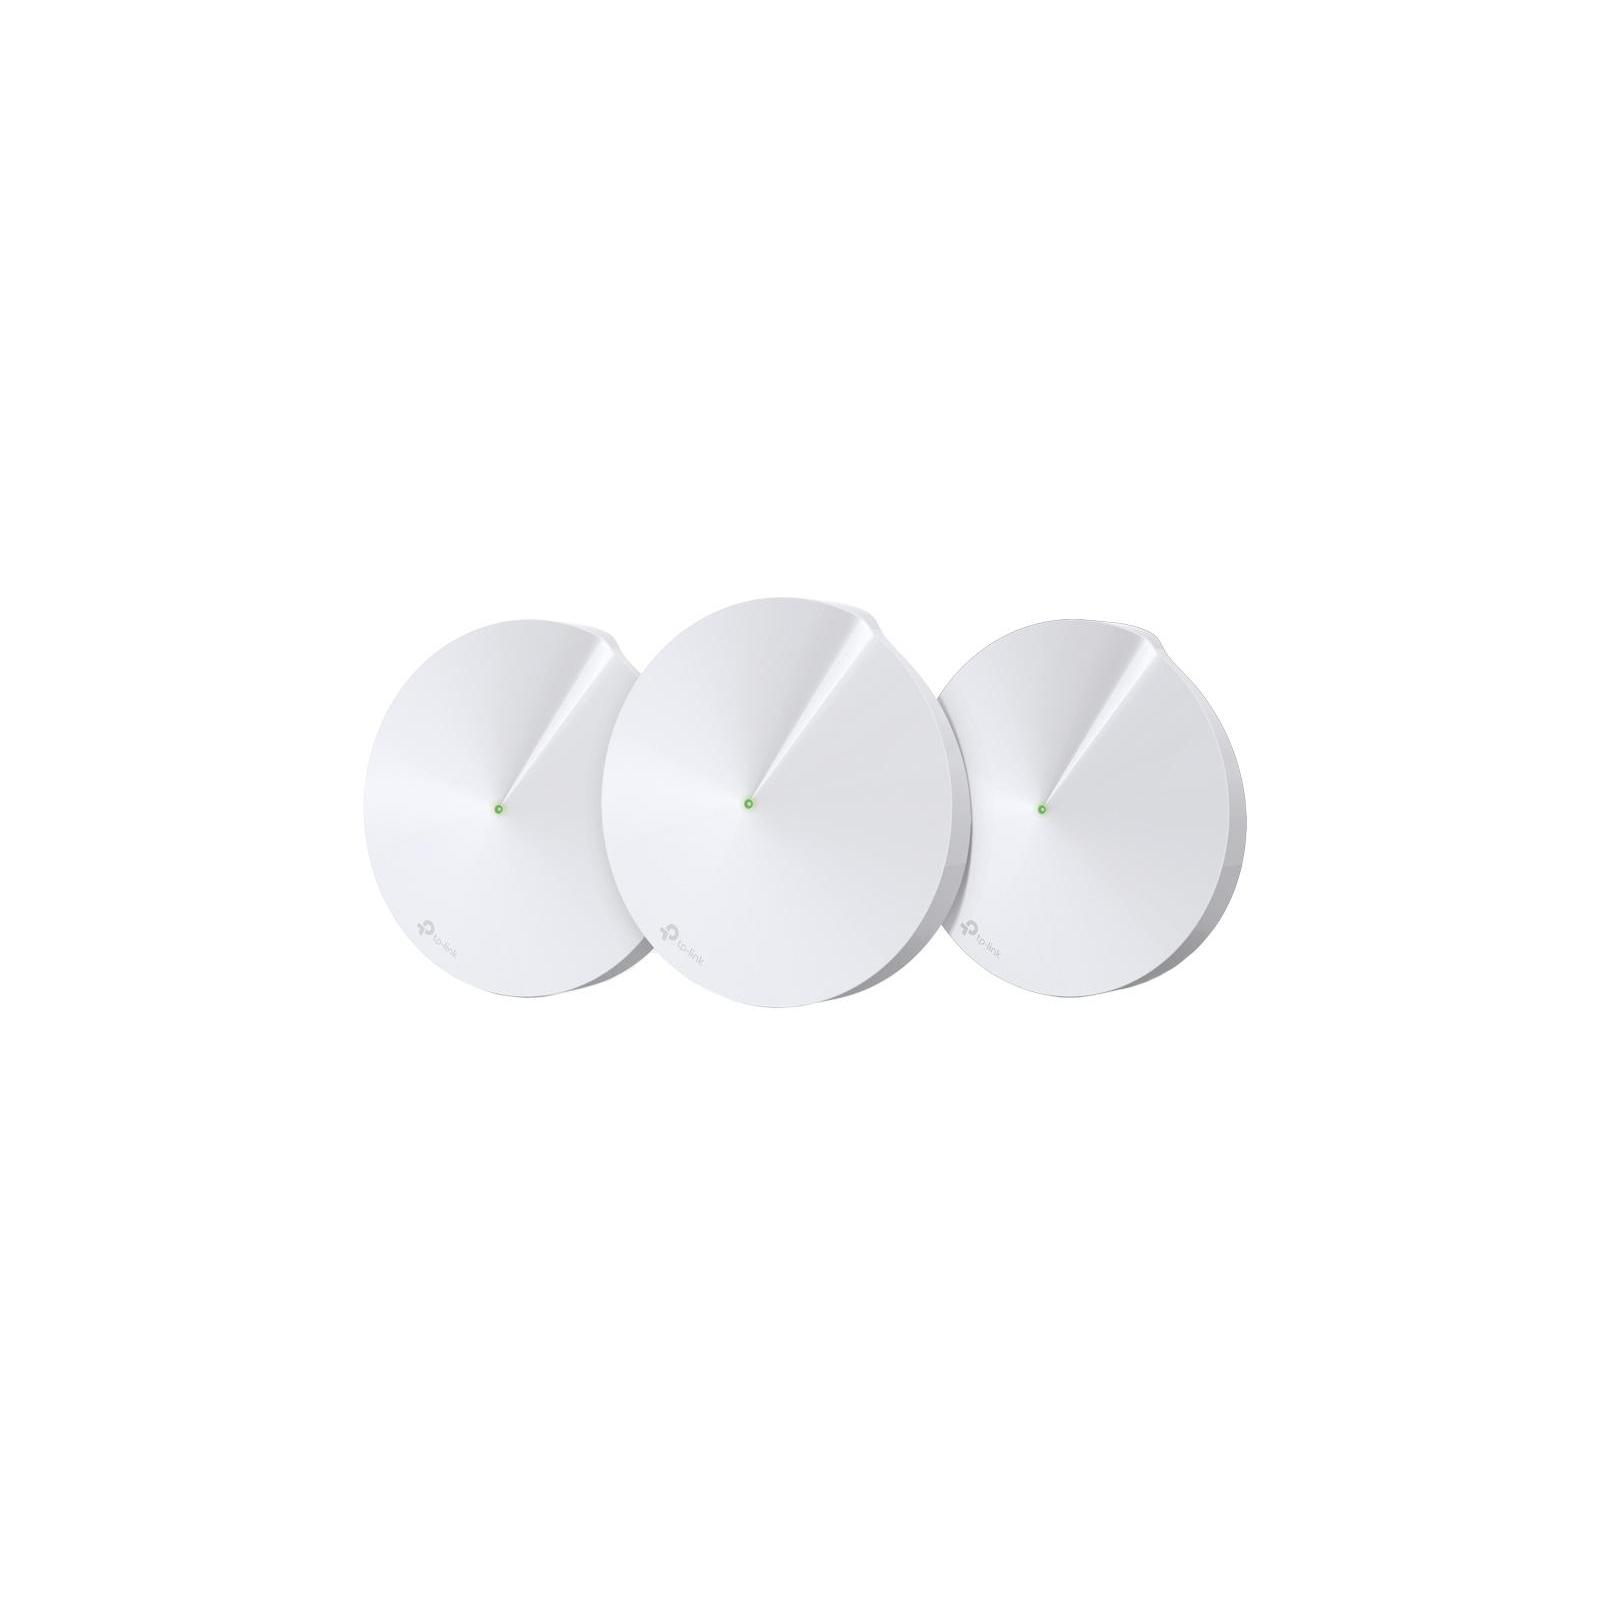 Точка доступа Wi-Fi TP-Link DECO-M5-3-PACK изображение 2